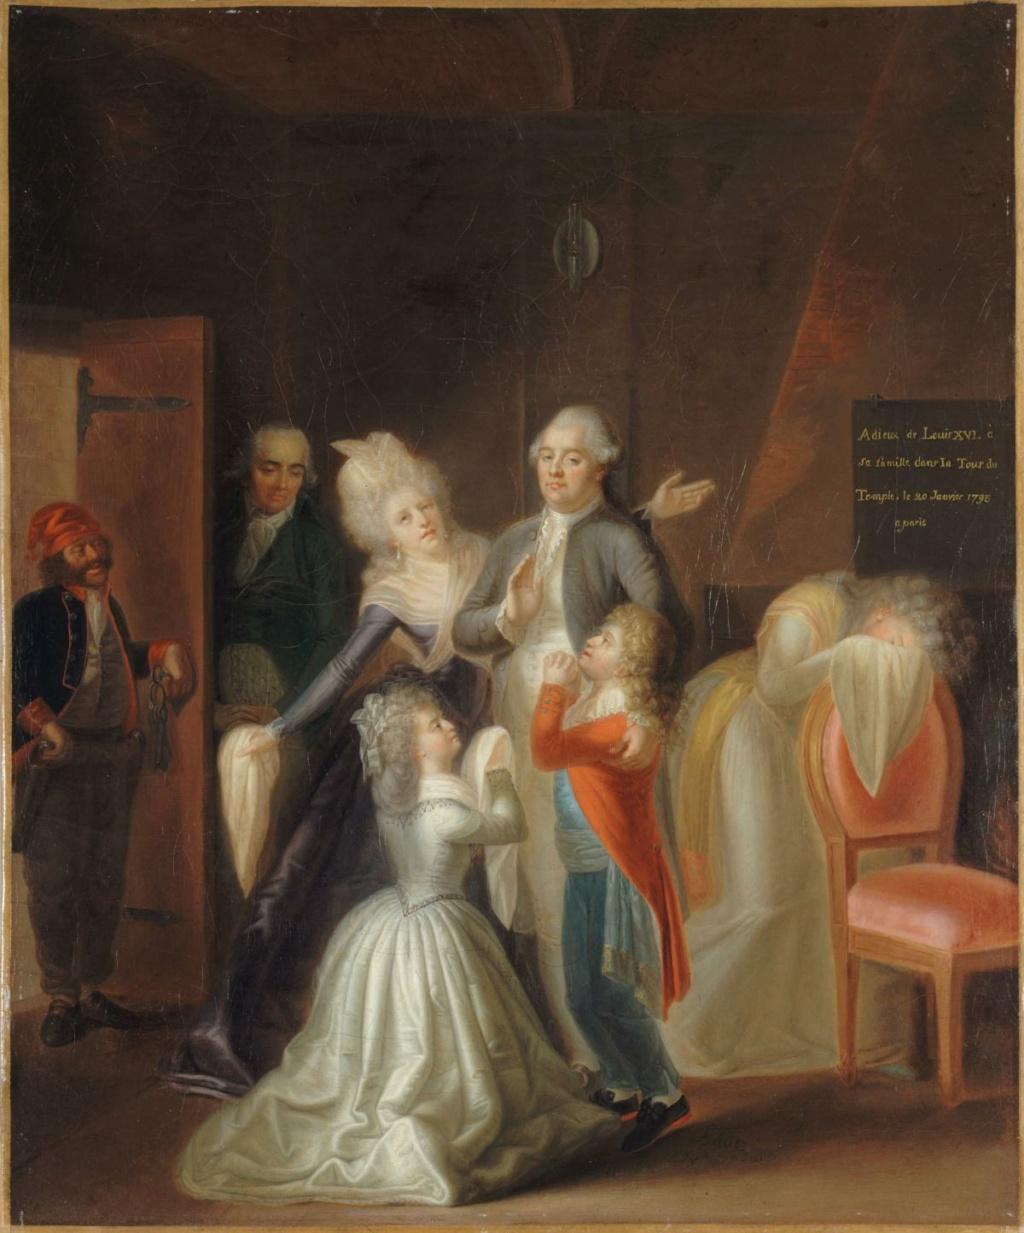 Cléry -  Jean-Baptiste Cléry, valet de chambre de Louis XVI Adieux11